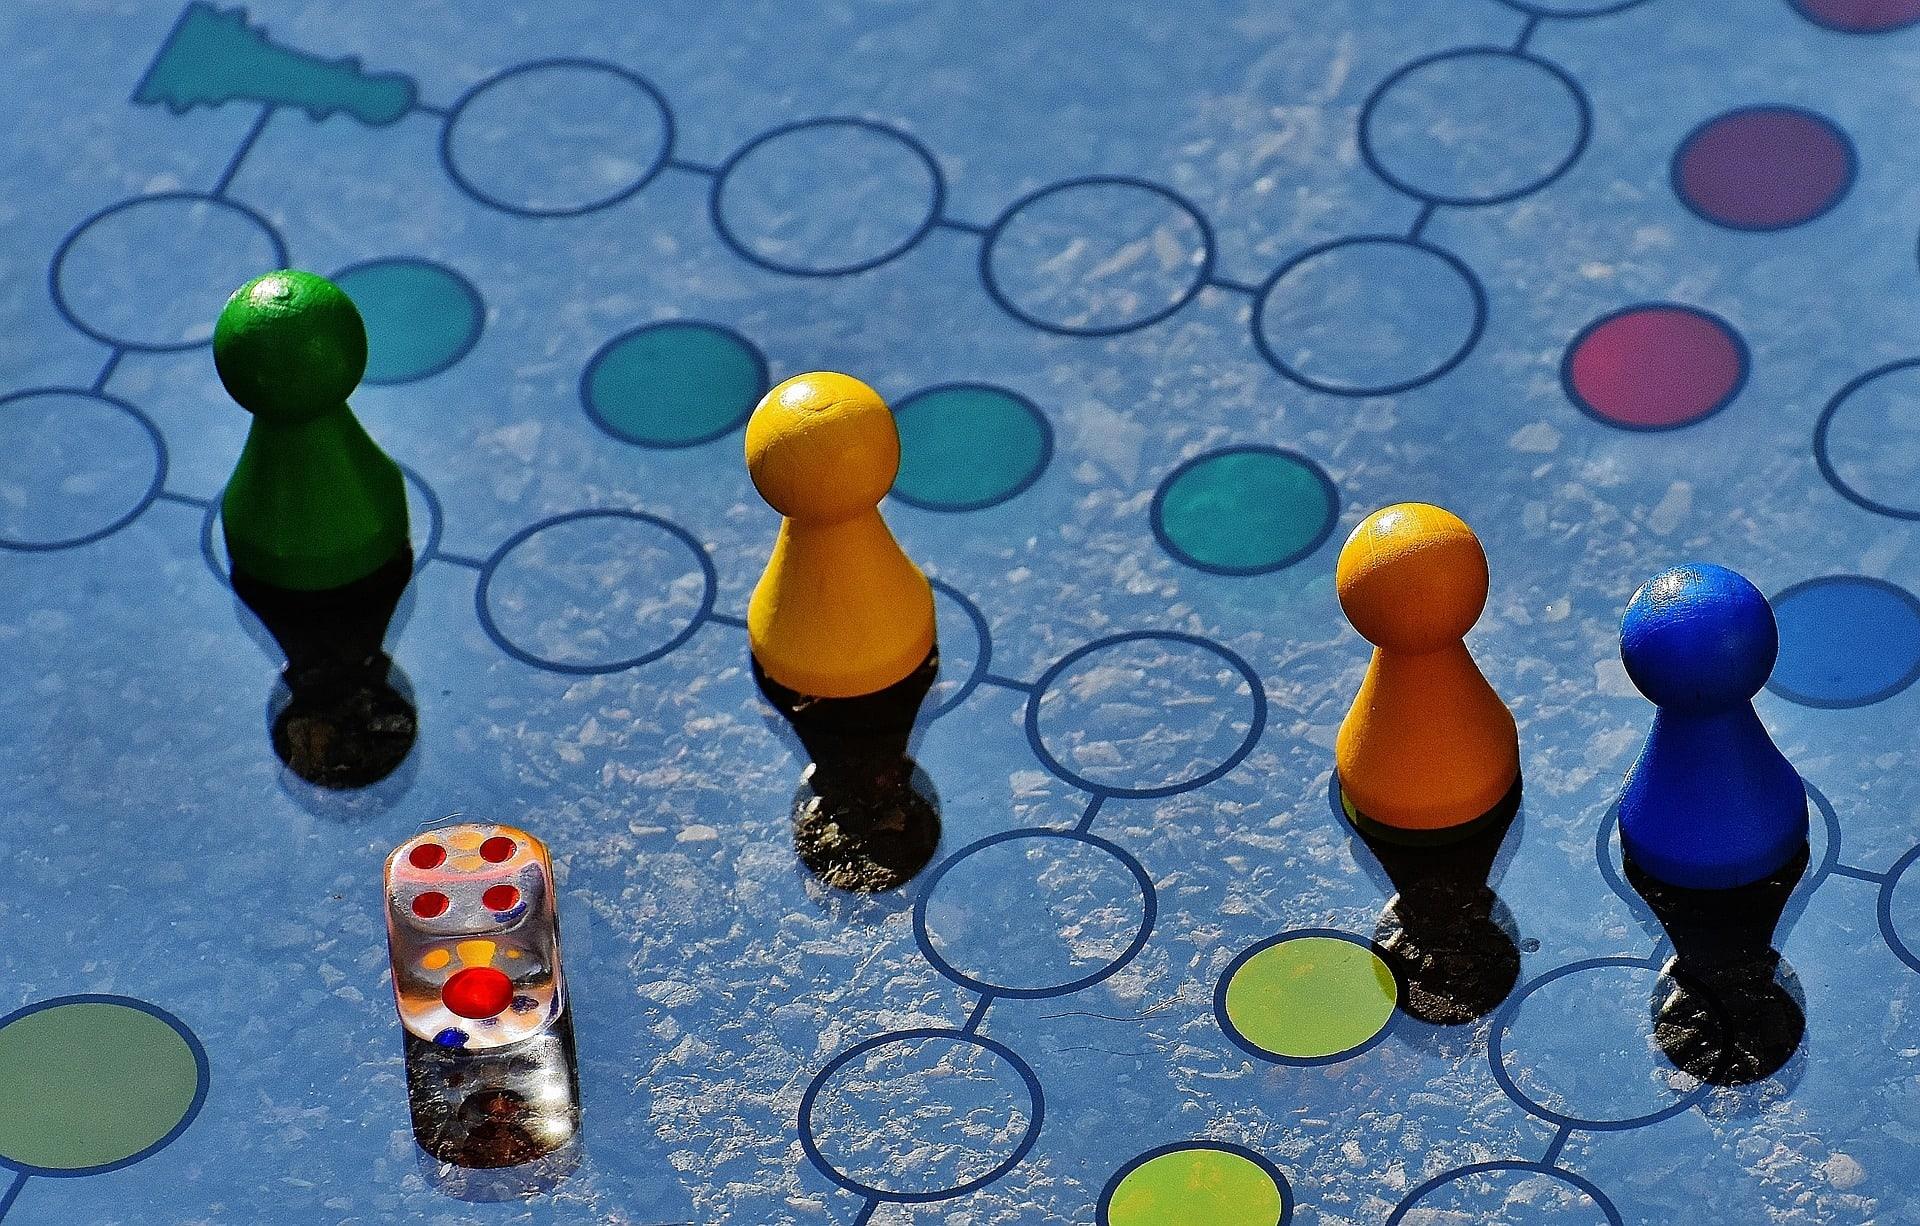 Warum sind Brettspiele so beliebt?